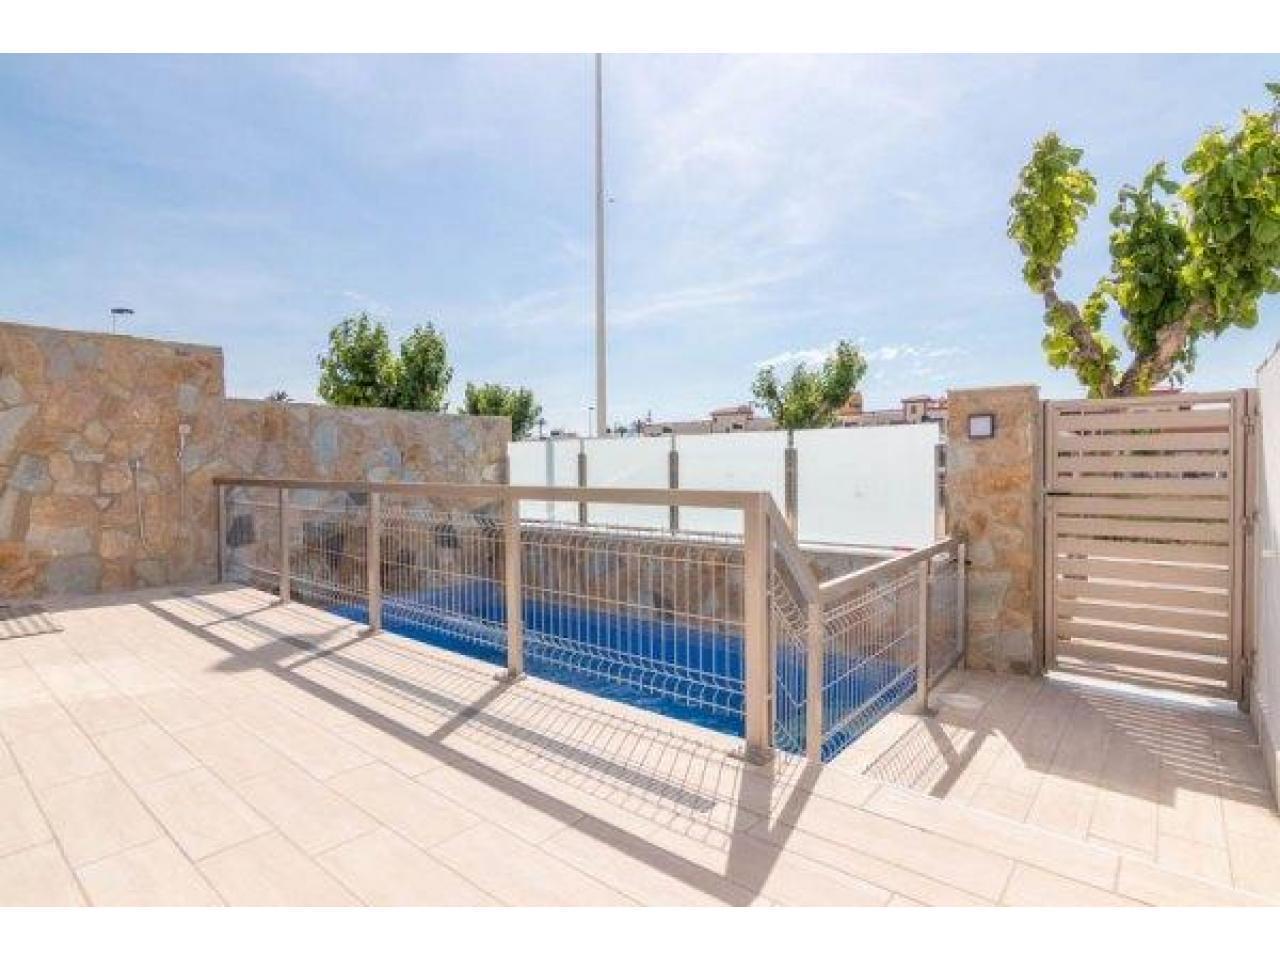 Недвижимость в Испании, Новая вилла рядом с пляжем от застройщика в Лос Алькасарес - 4